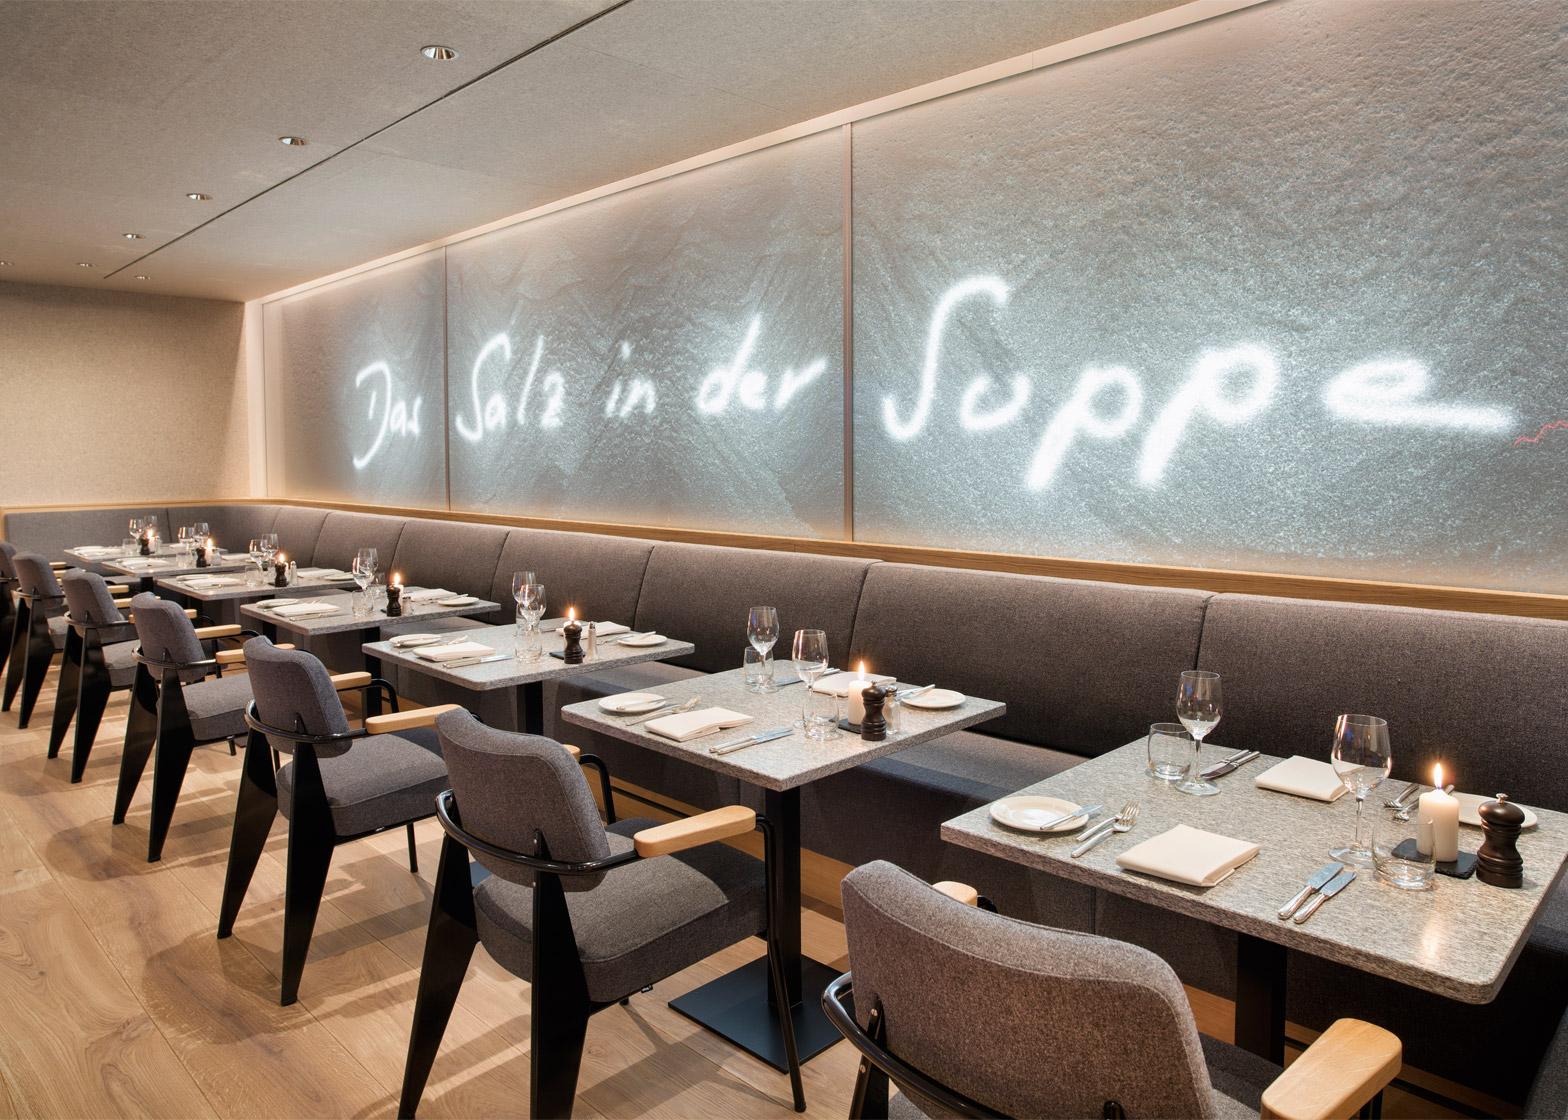 architecture_saltz_restaurant_the_dolder_grand_design_studia_interiors_osnovadesign_osnova_poltava_07